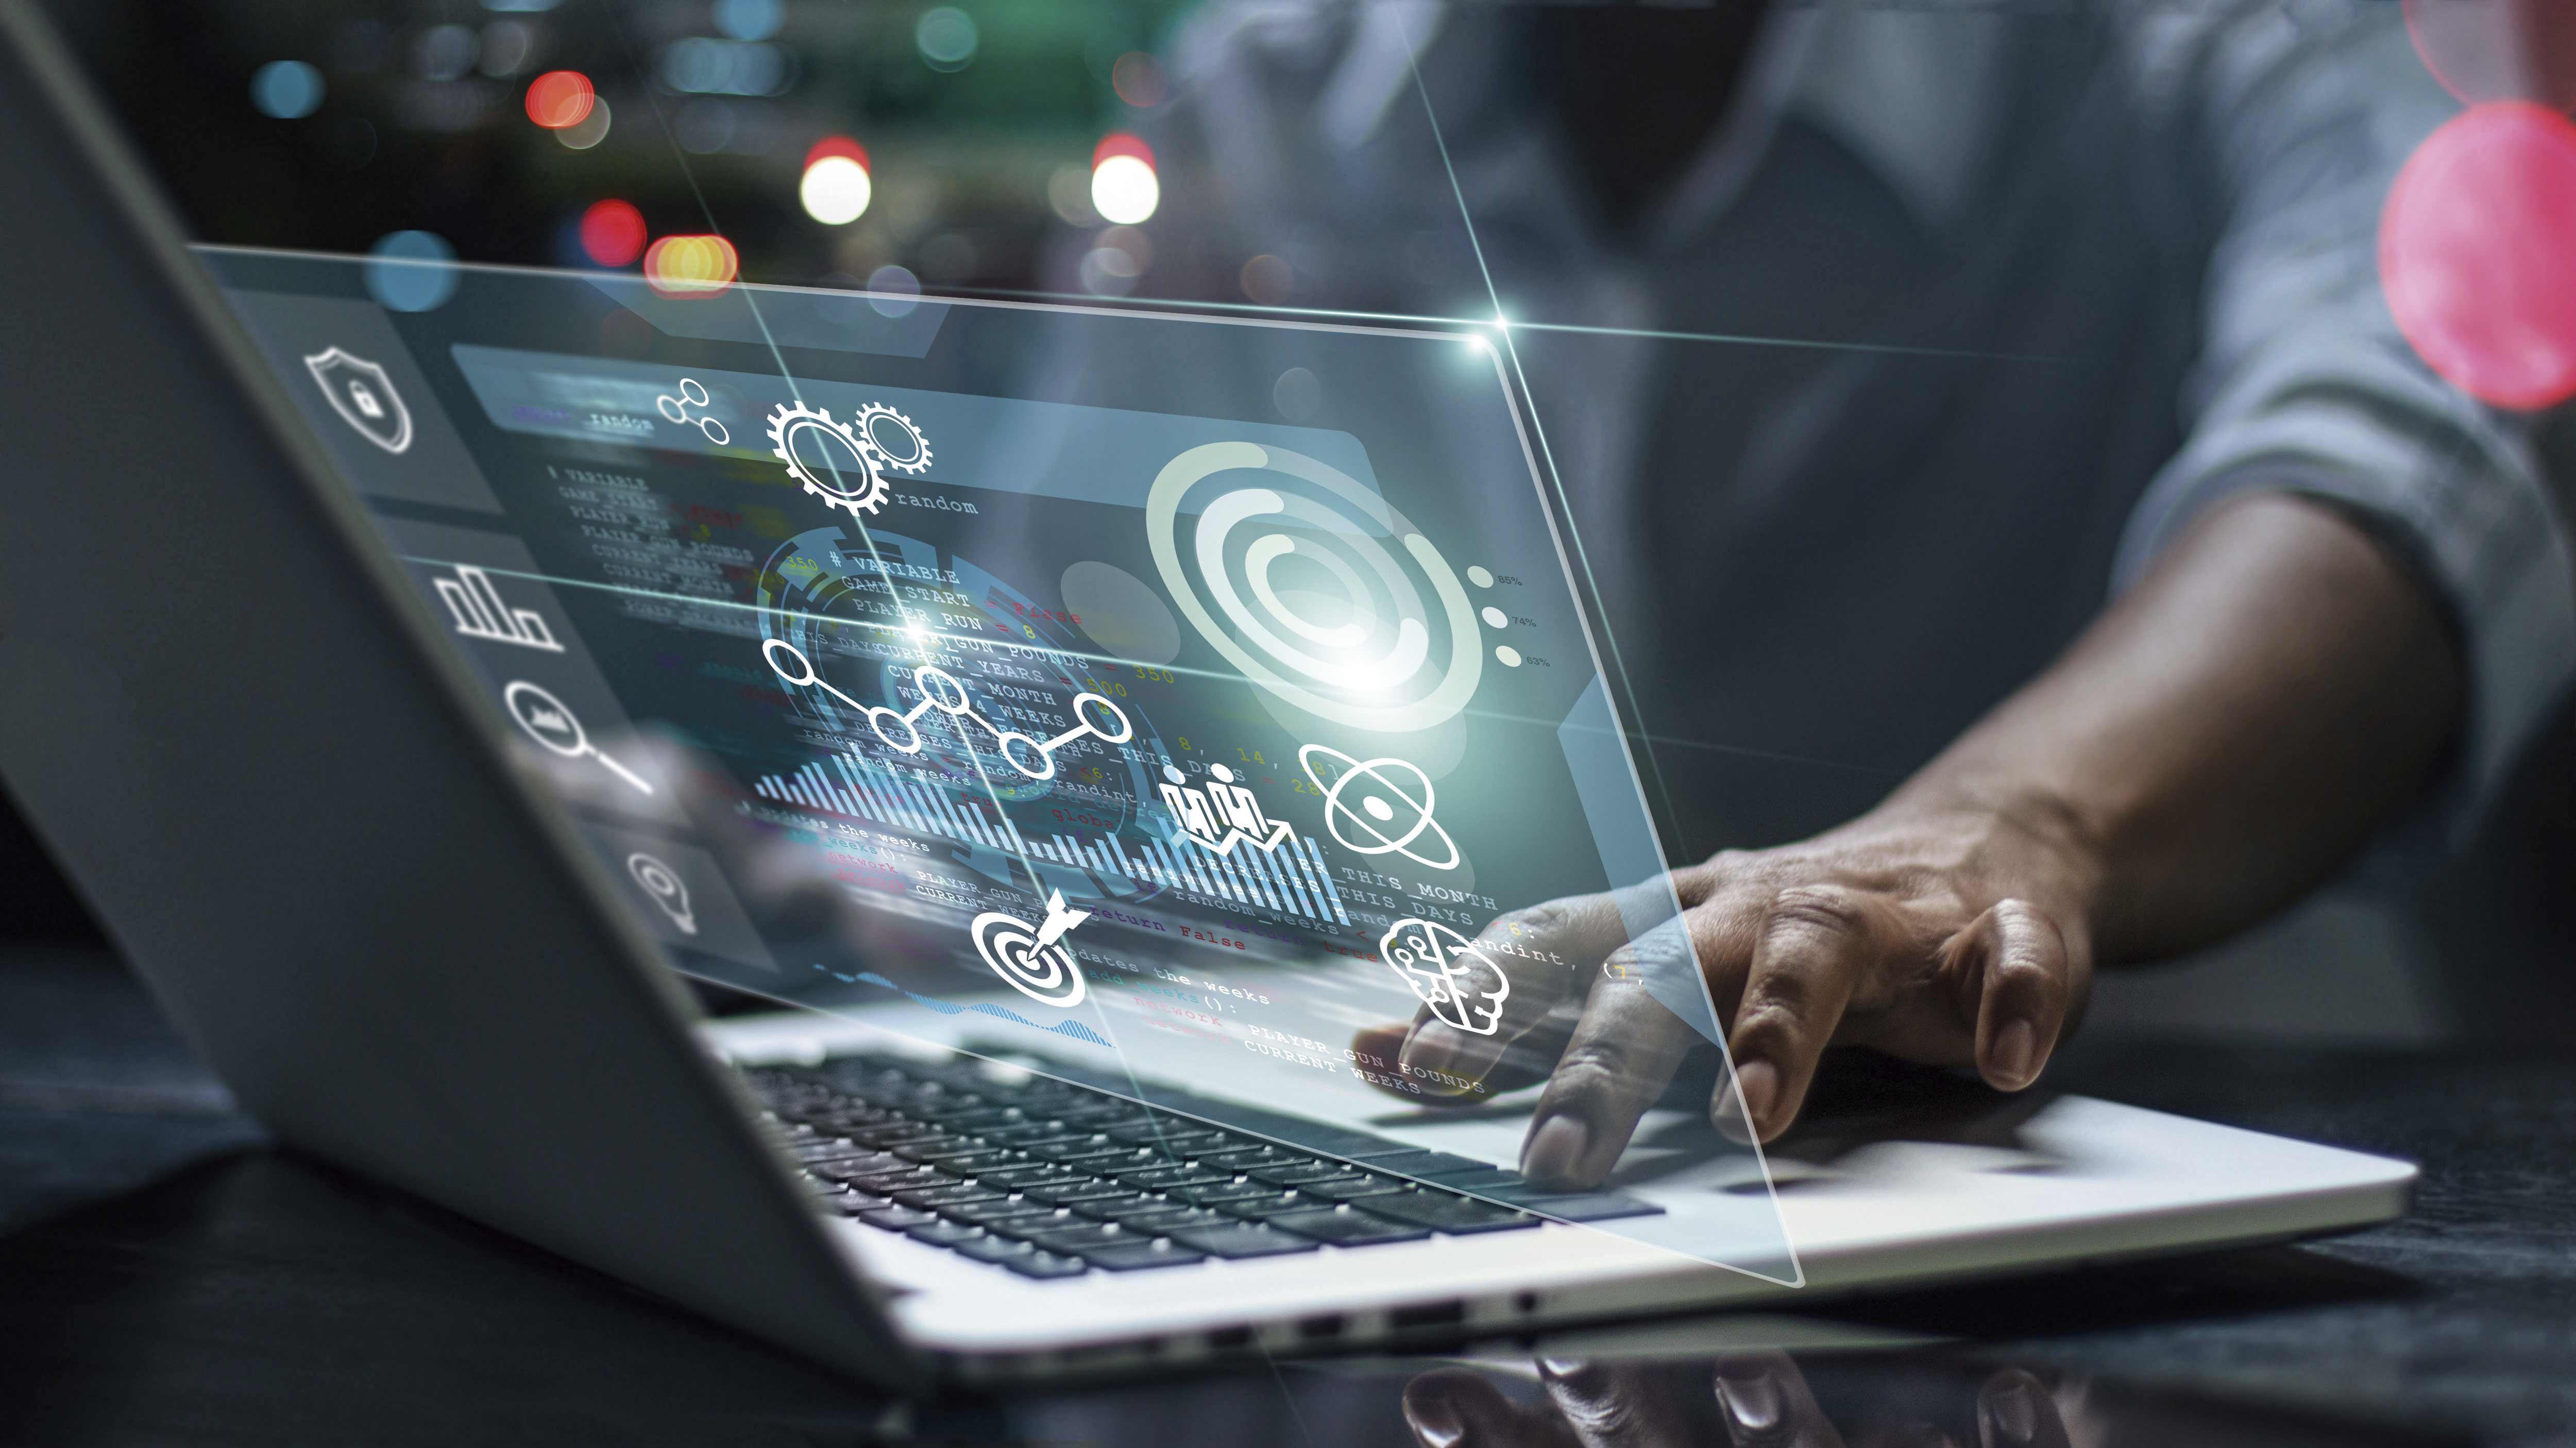 tecnologia-empresas-impulsan-formacion-in-house-para-enfrentar-escasez-de-talento